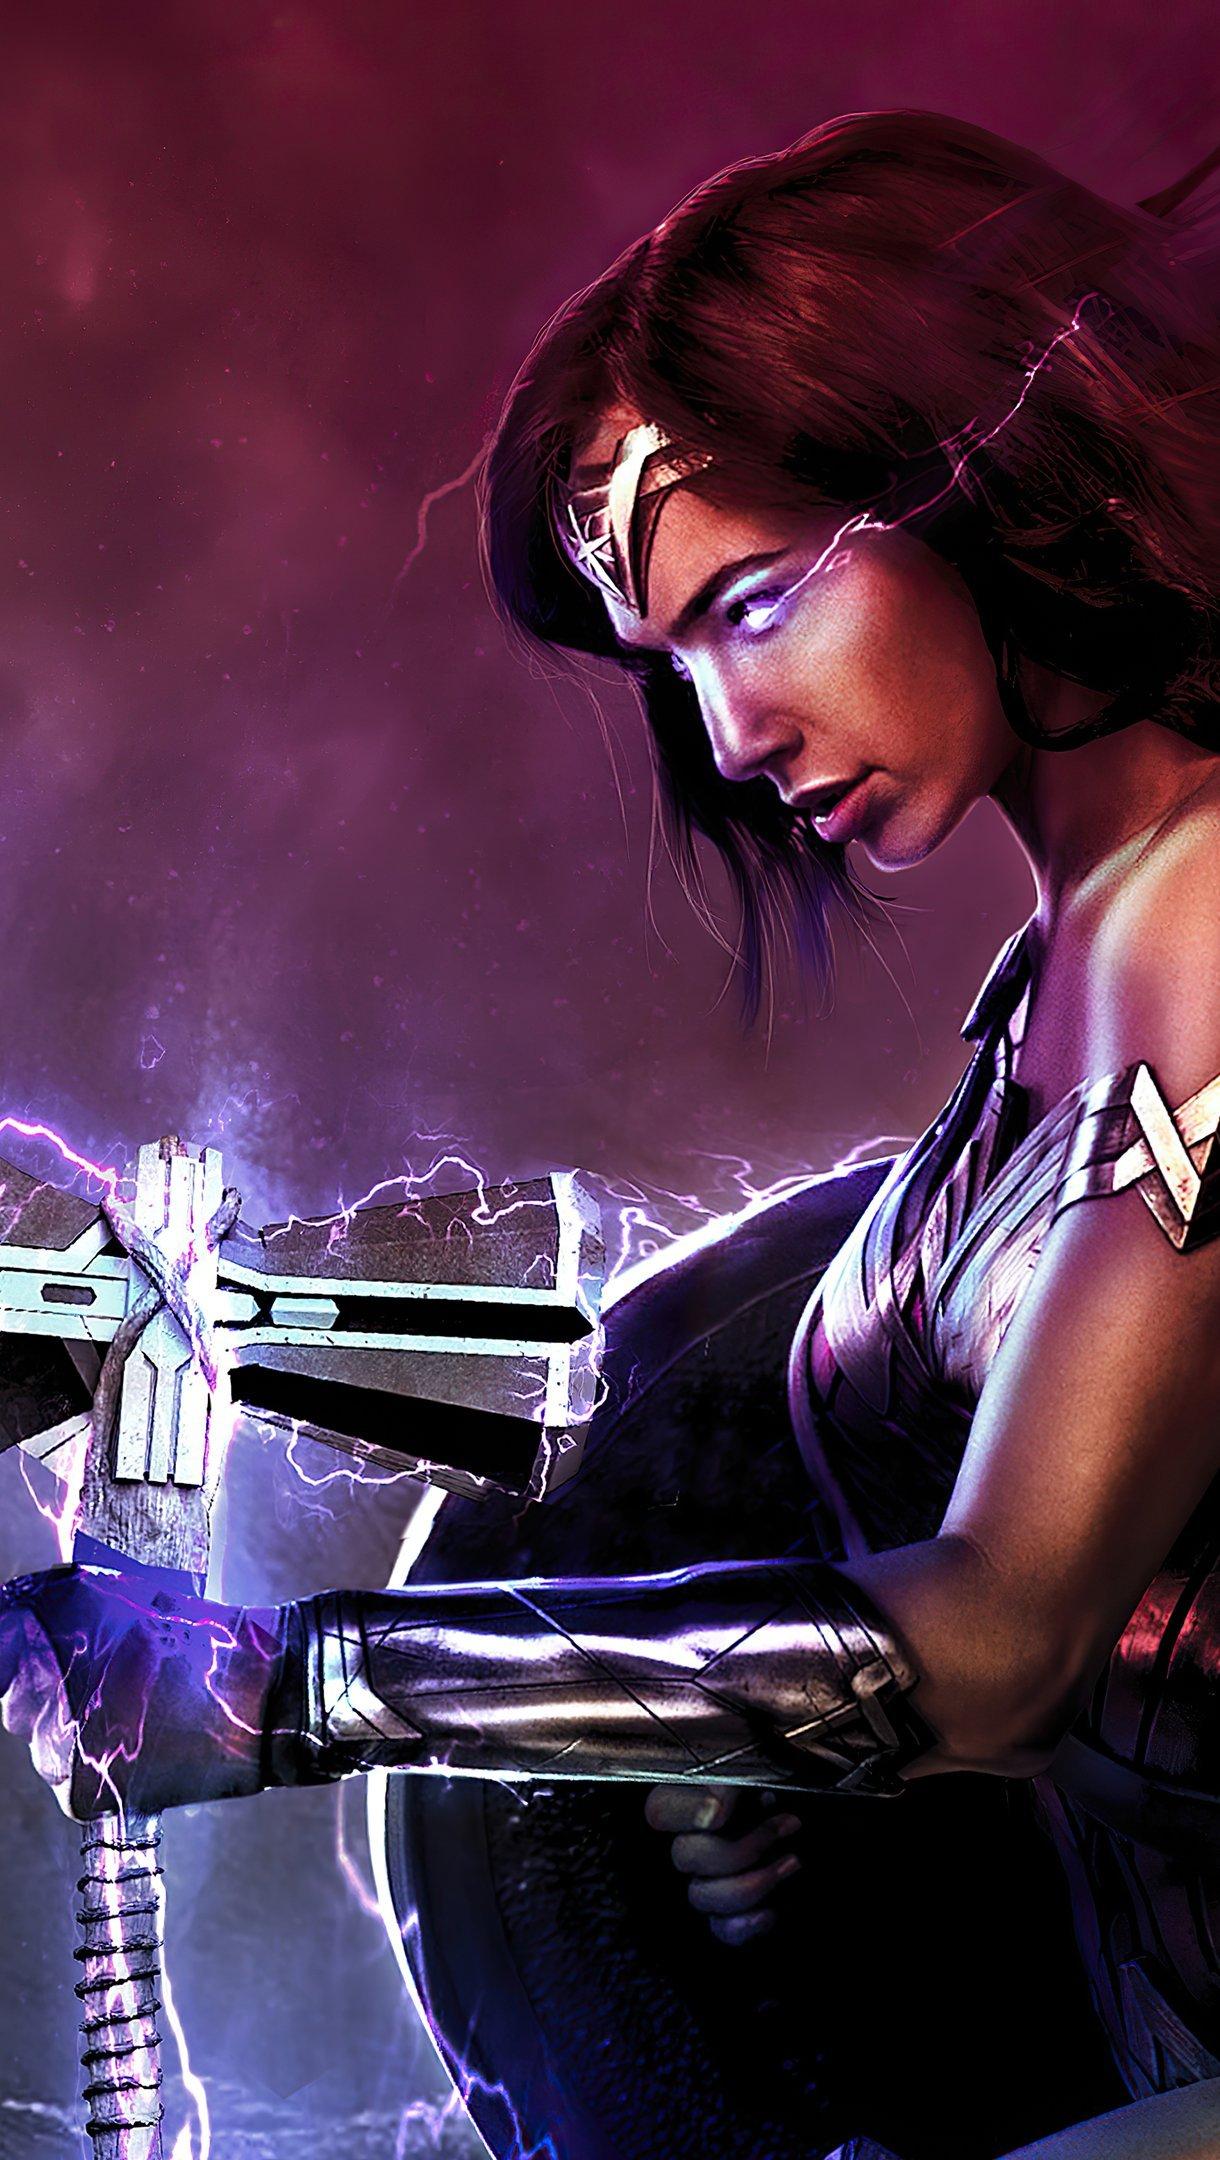 Fondos de pantalla La mujer maravilla con arma Vertical